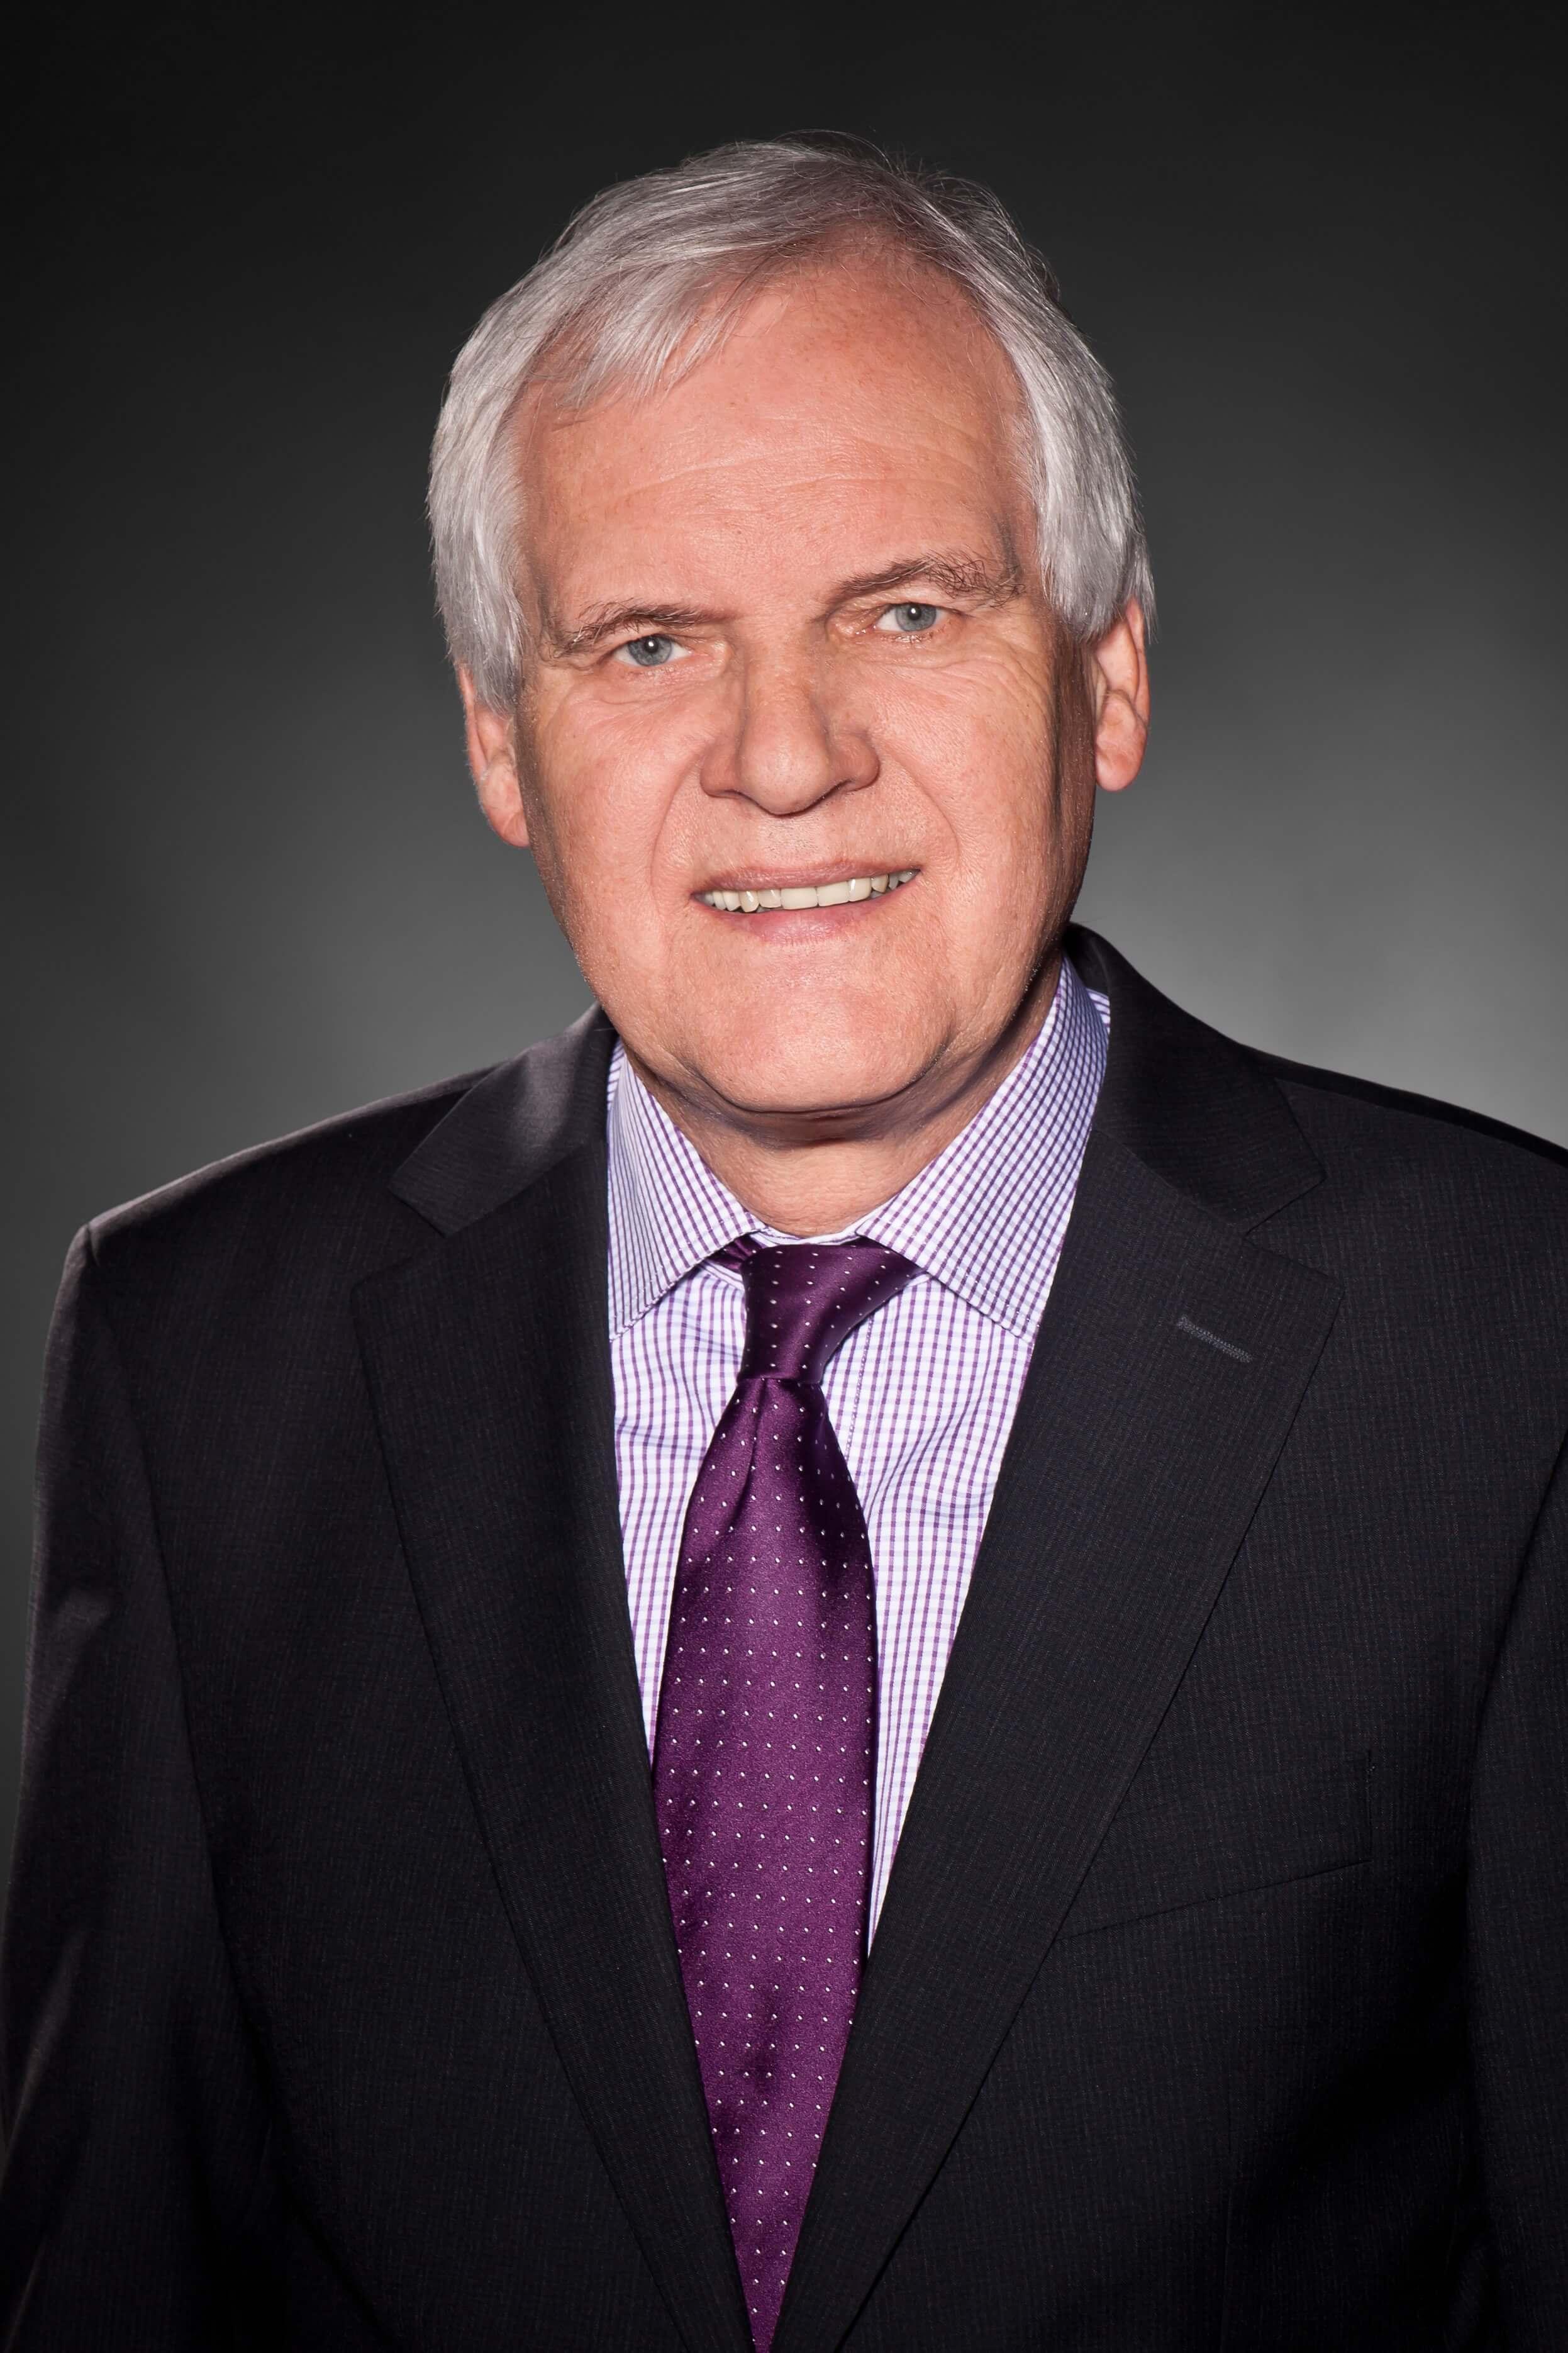 Hans J. Bensemann